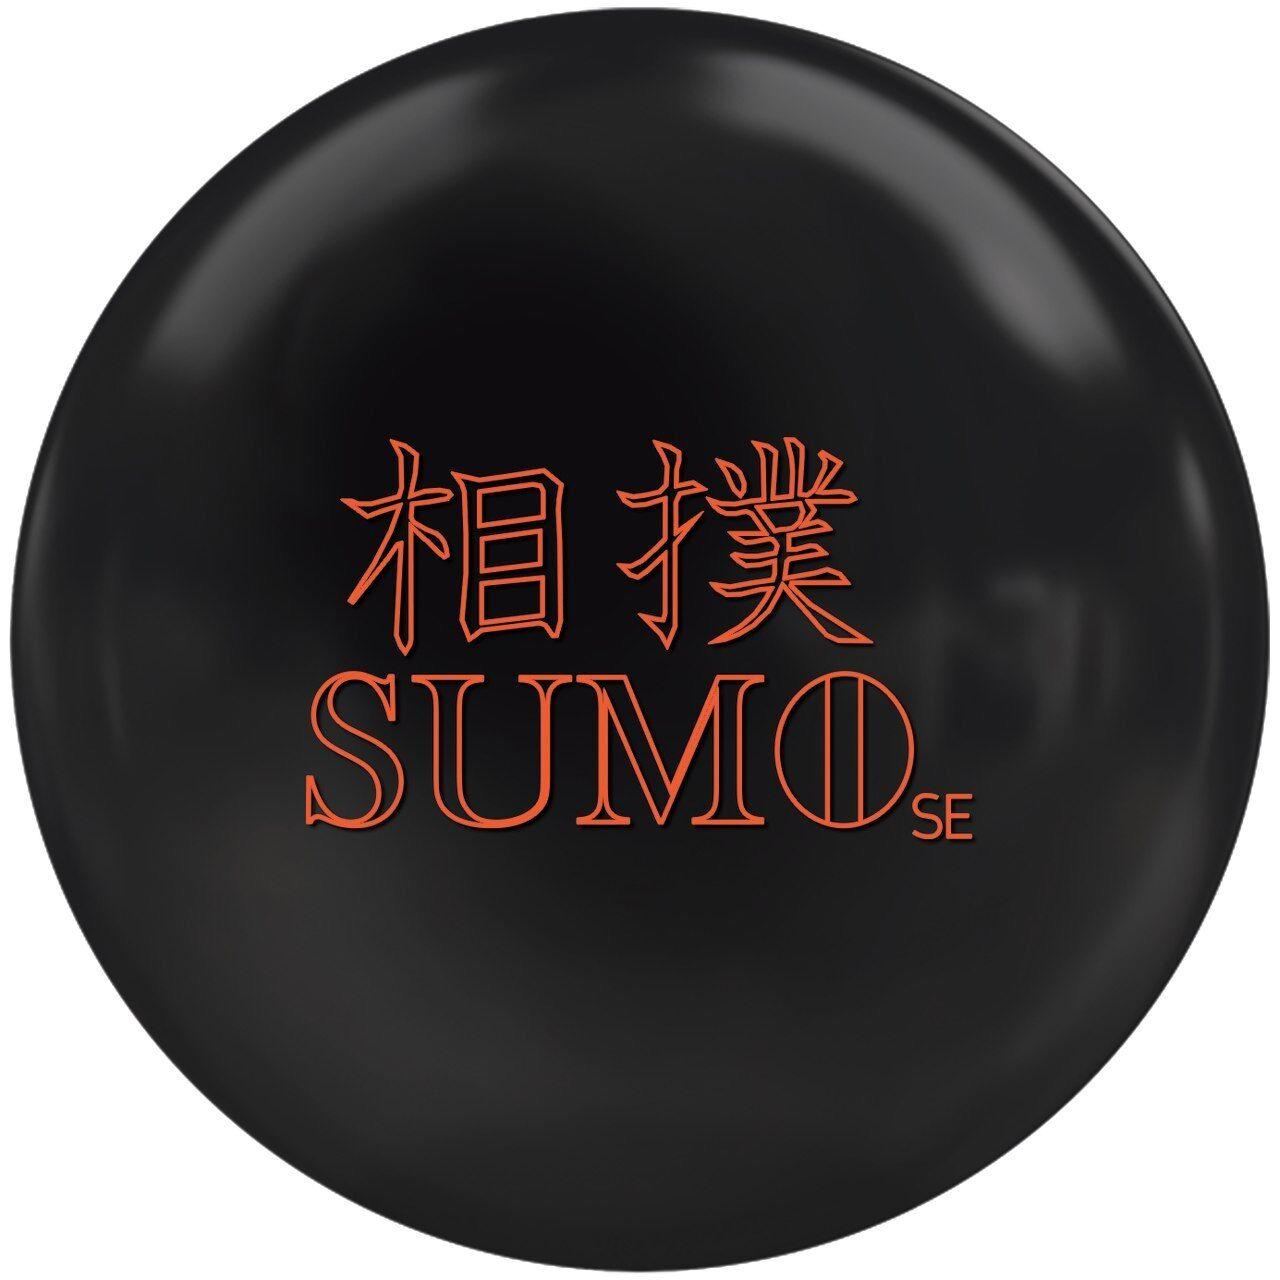 AMF Sumo SE Bowling Ball NIB 1st Quality